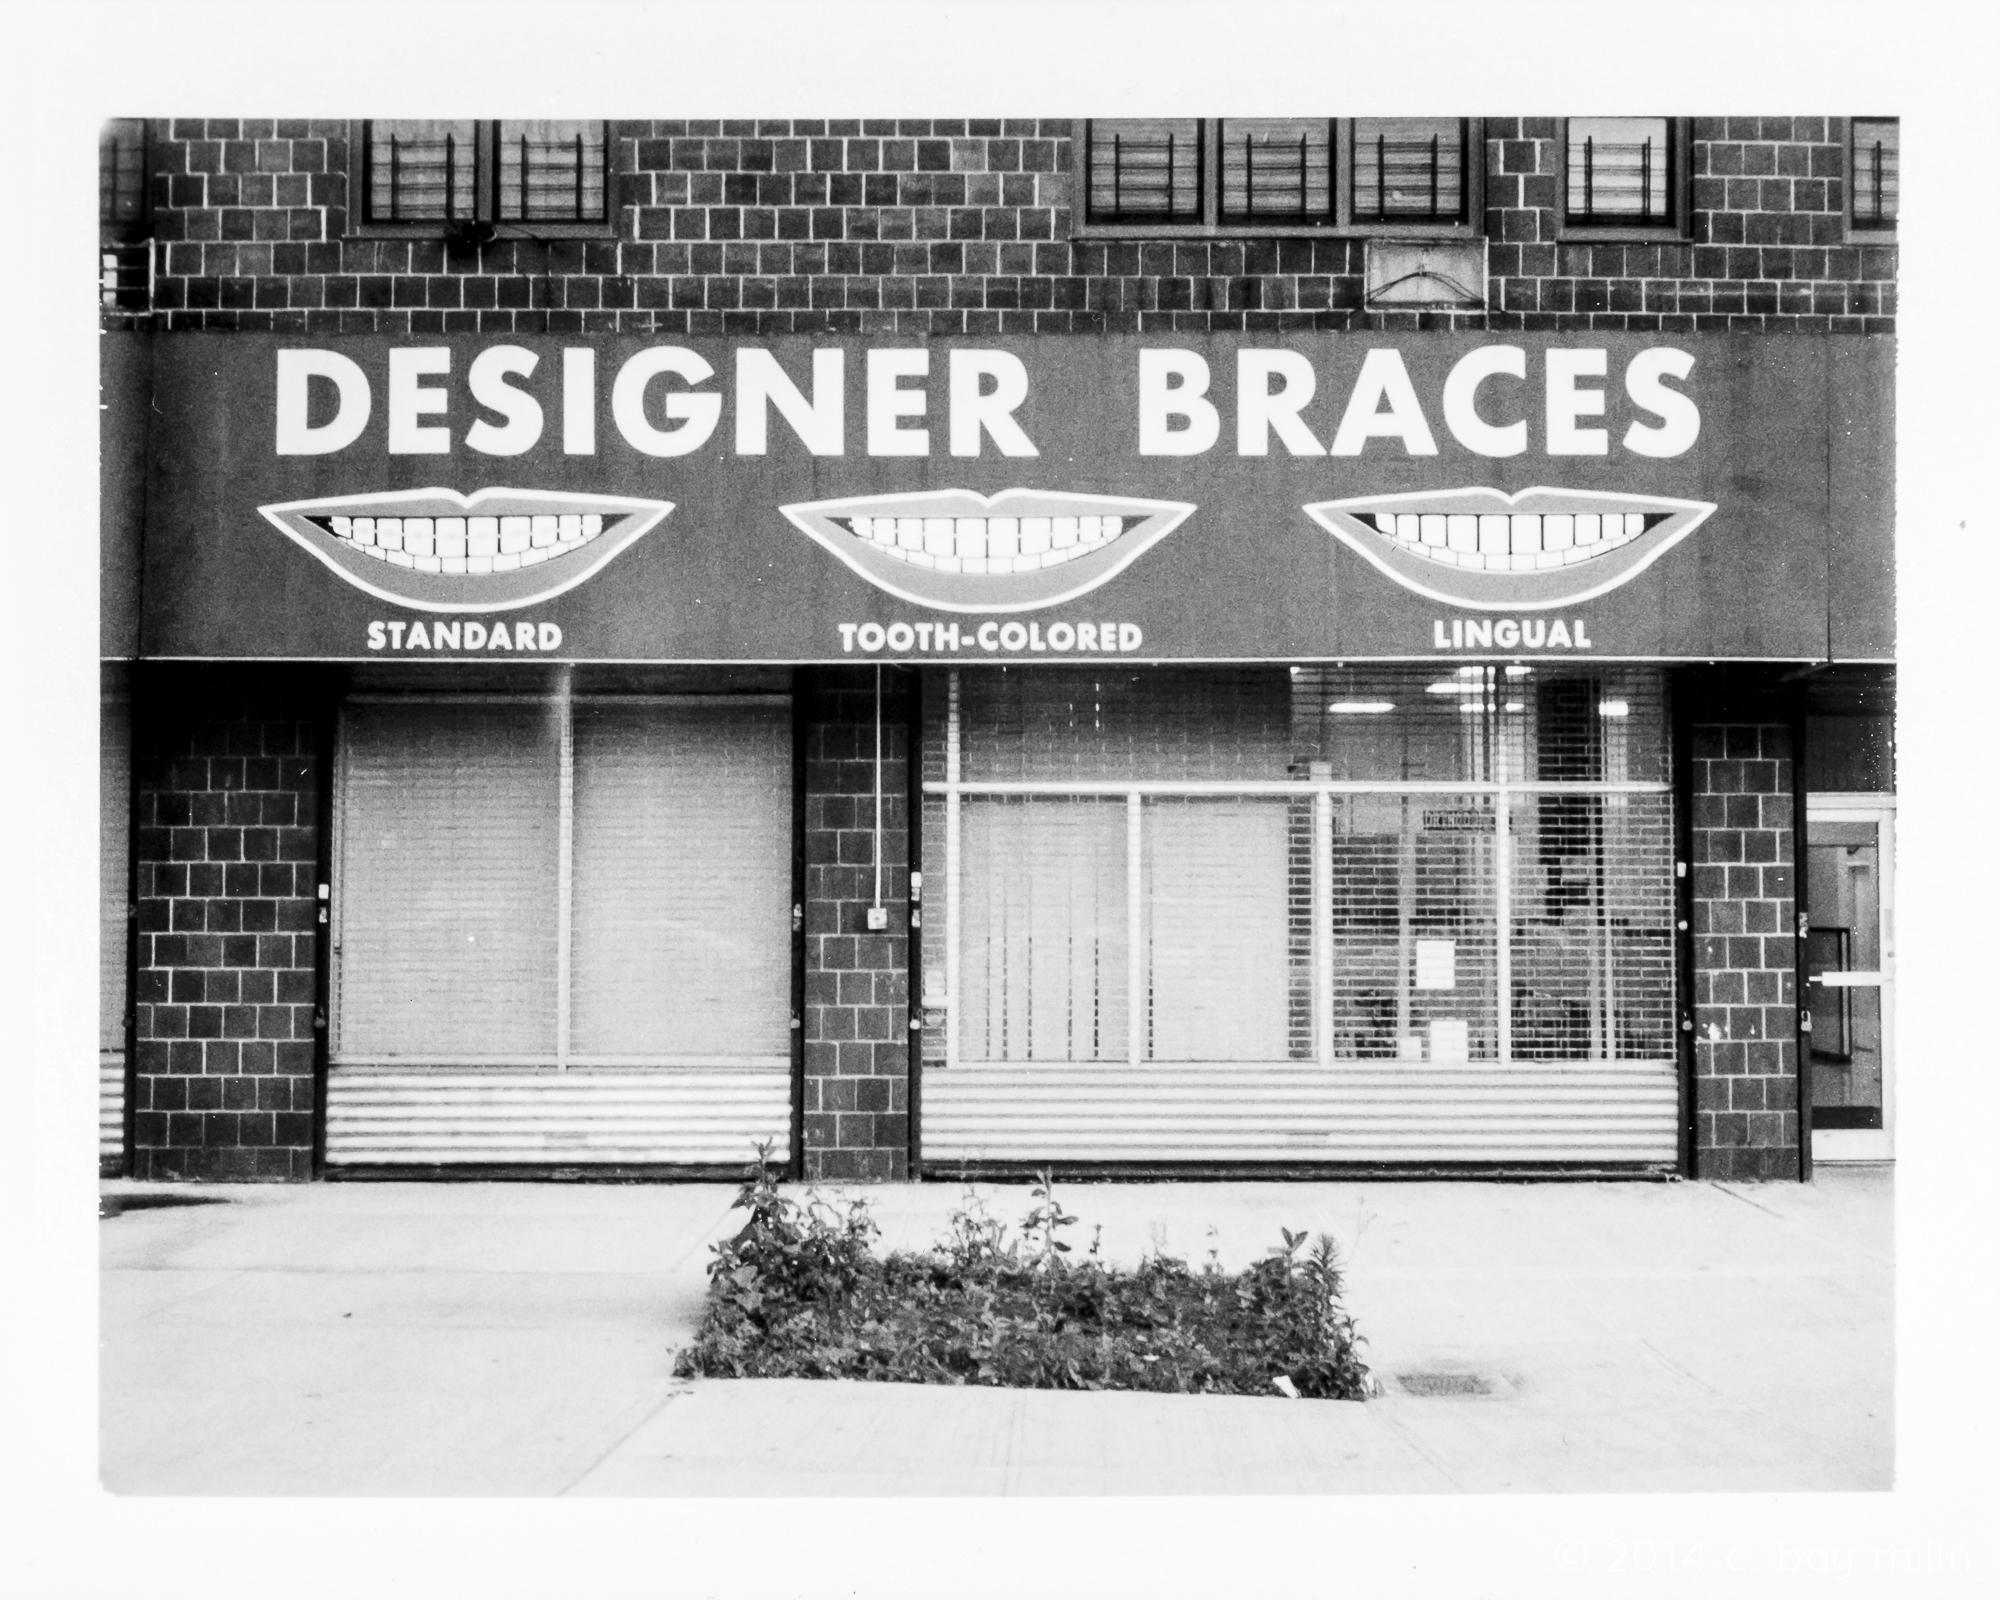 20140701_designer_braces_01.jpg